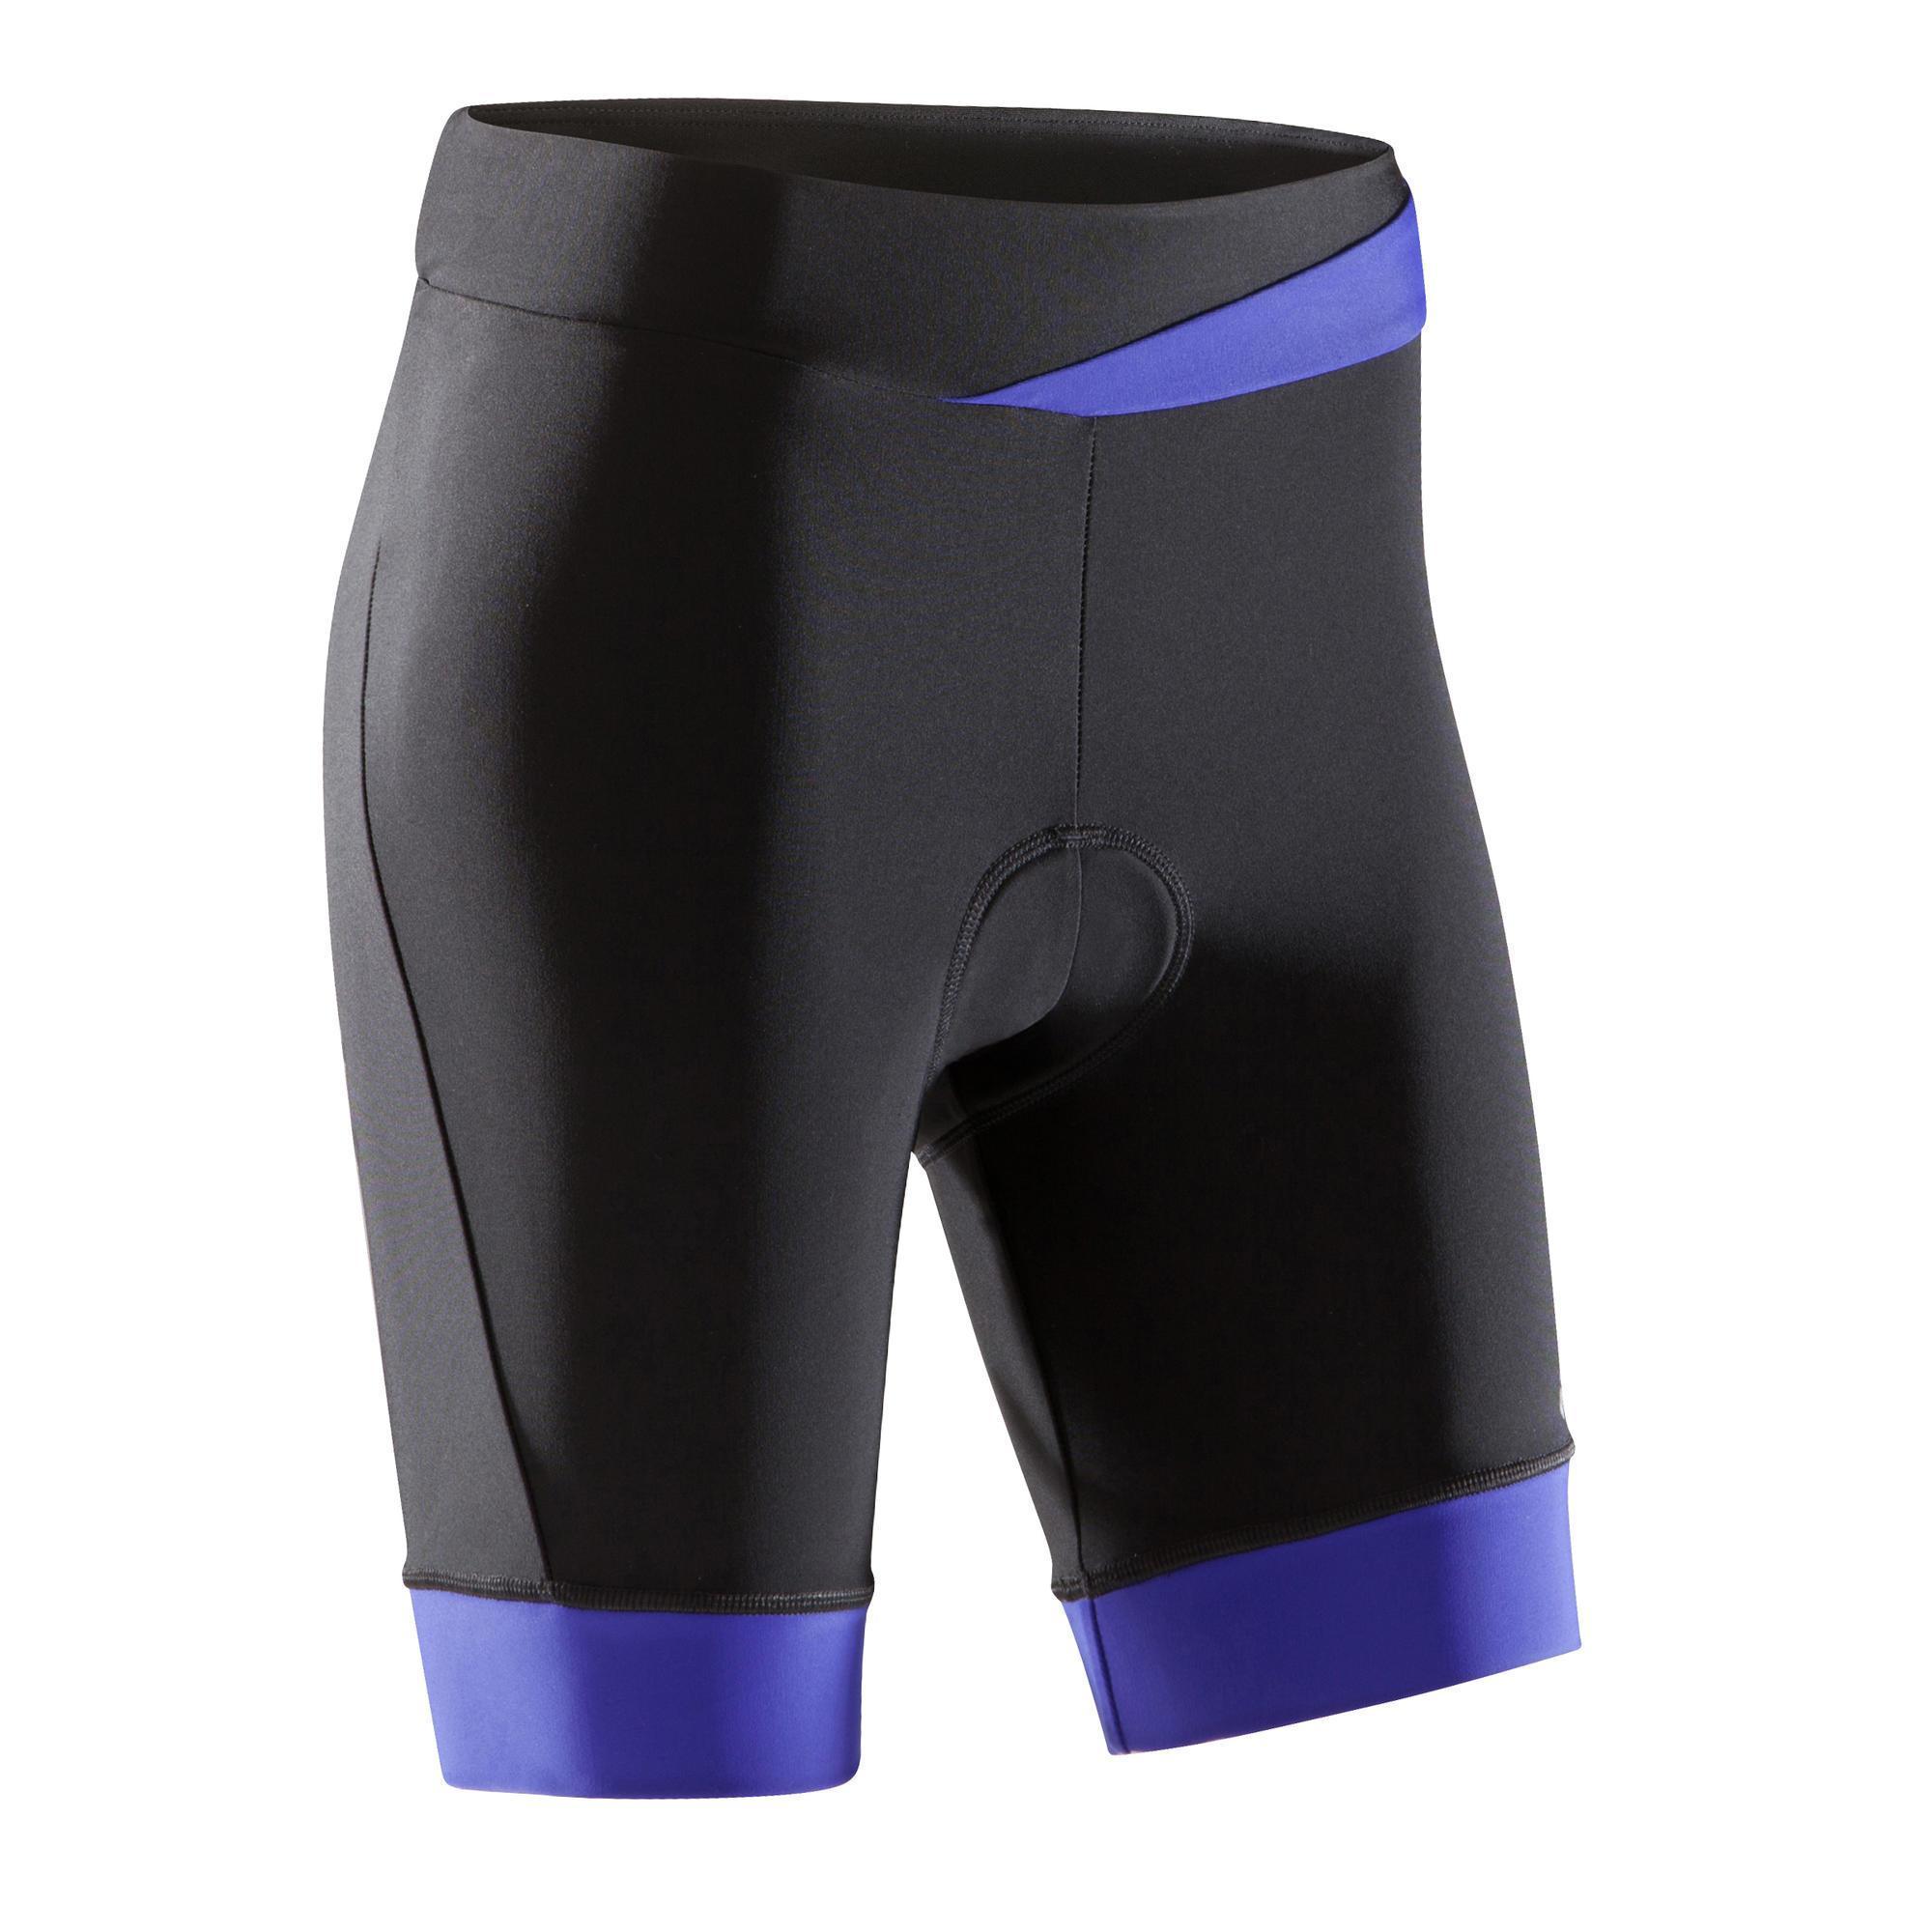 b 39 twin fietsbroek 500 zonder bretels voor dames zwart blauw. Black Bedroom Furniture Sets. Home Design Ideas